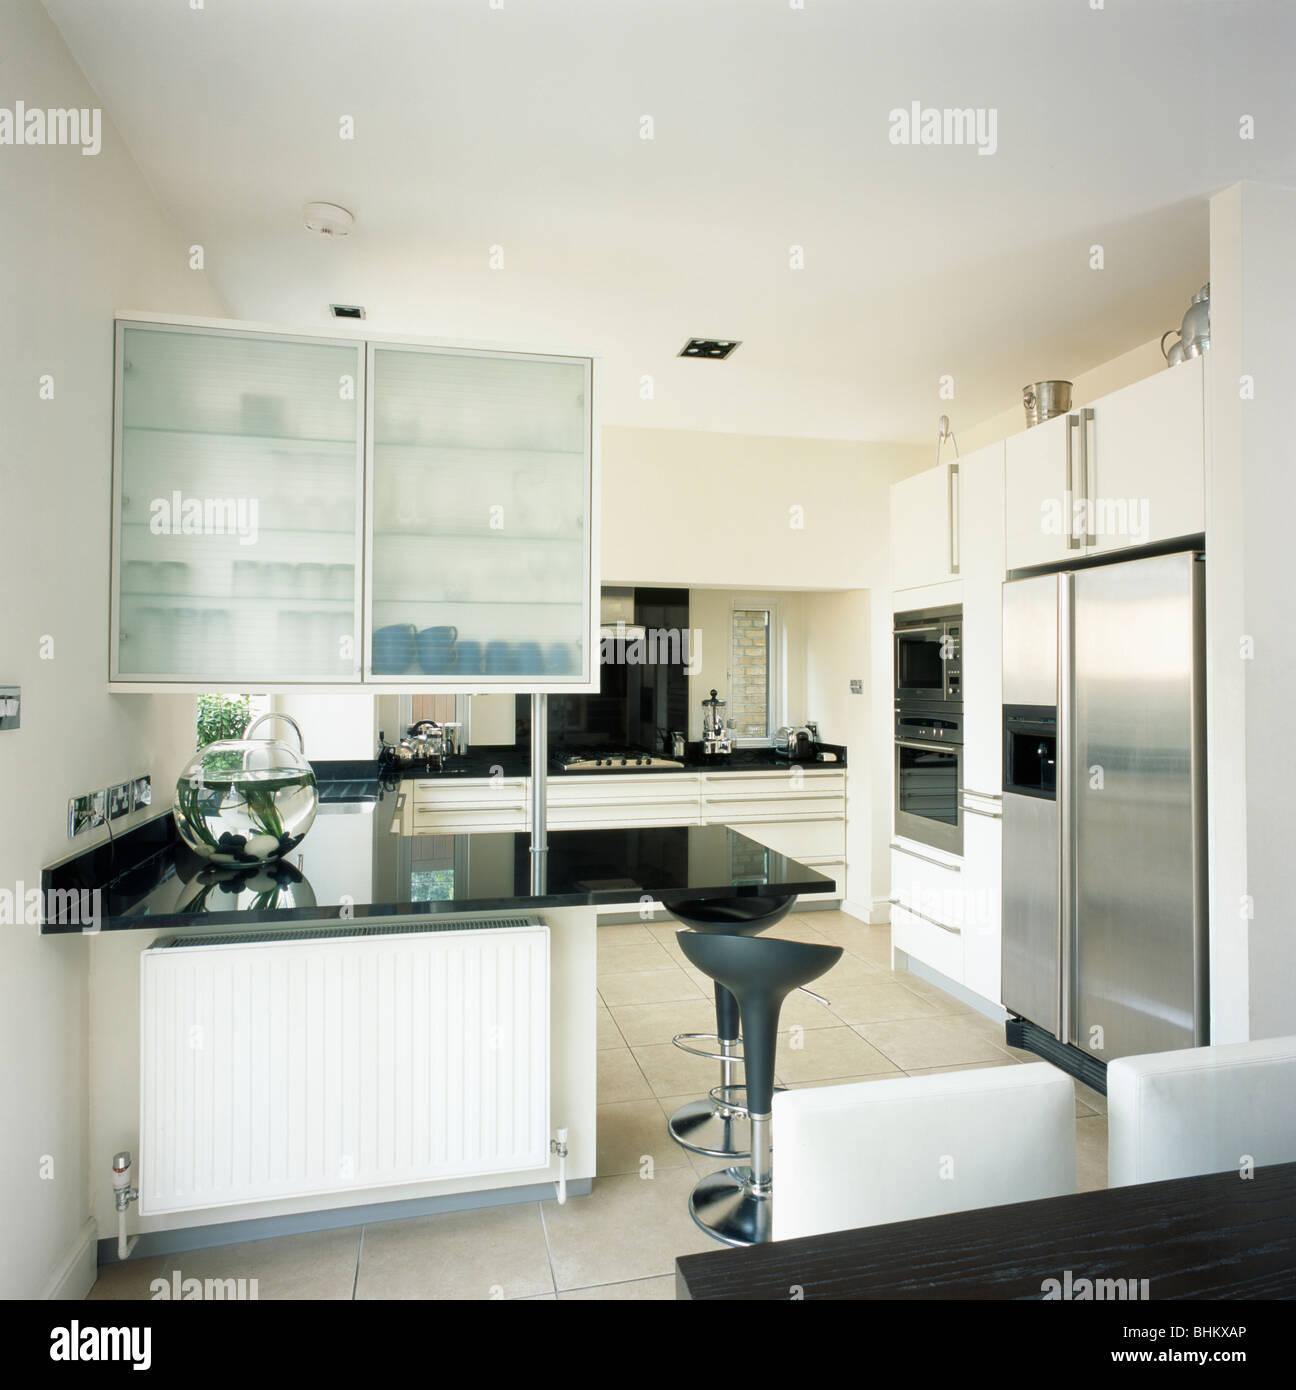 Schrank mit opak verglasten Türen oben schwarze Granit-erstklassige ...